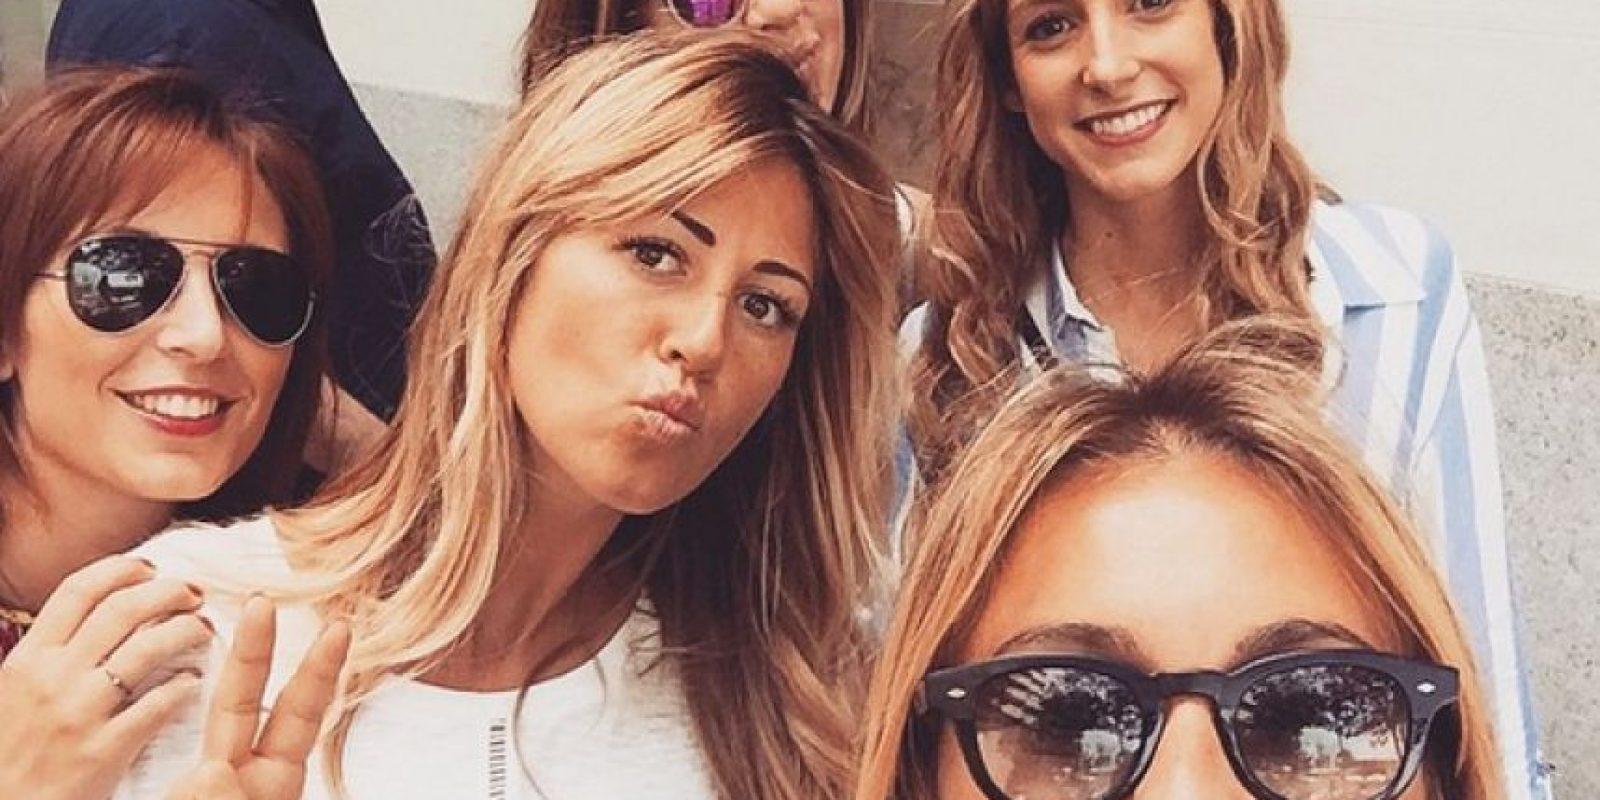 Verónica Zimbaro (esposa de Marco Storari), Roberta Sinopoli (Esposa de Claudio Marchisio) y otras WAG's de la Juventus. Foto:Vía instagram.com/veronicazimbaro